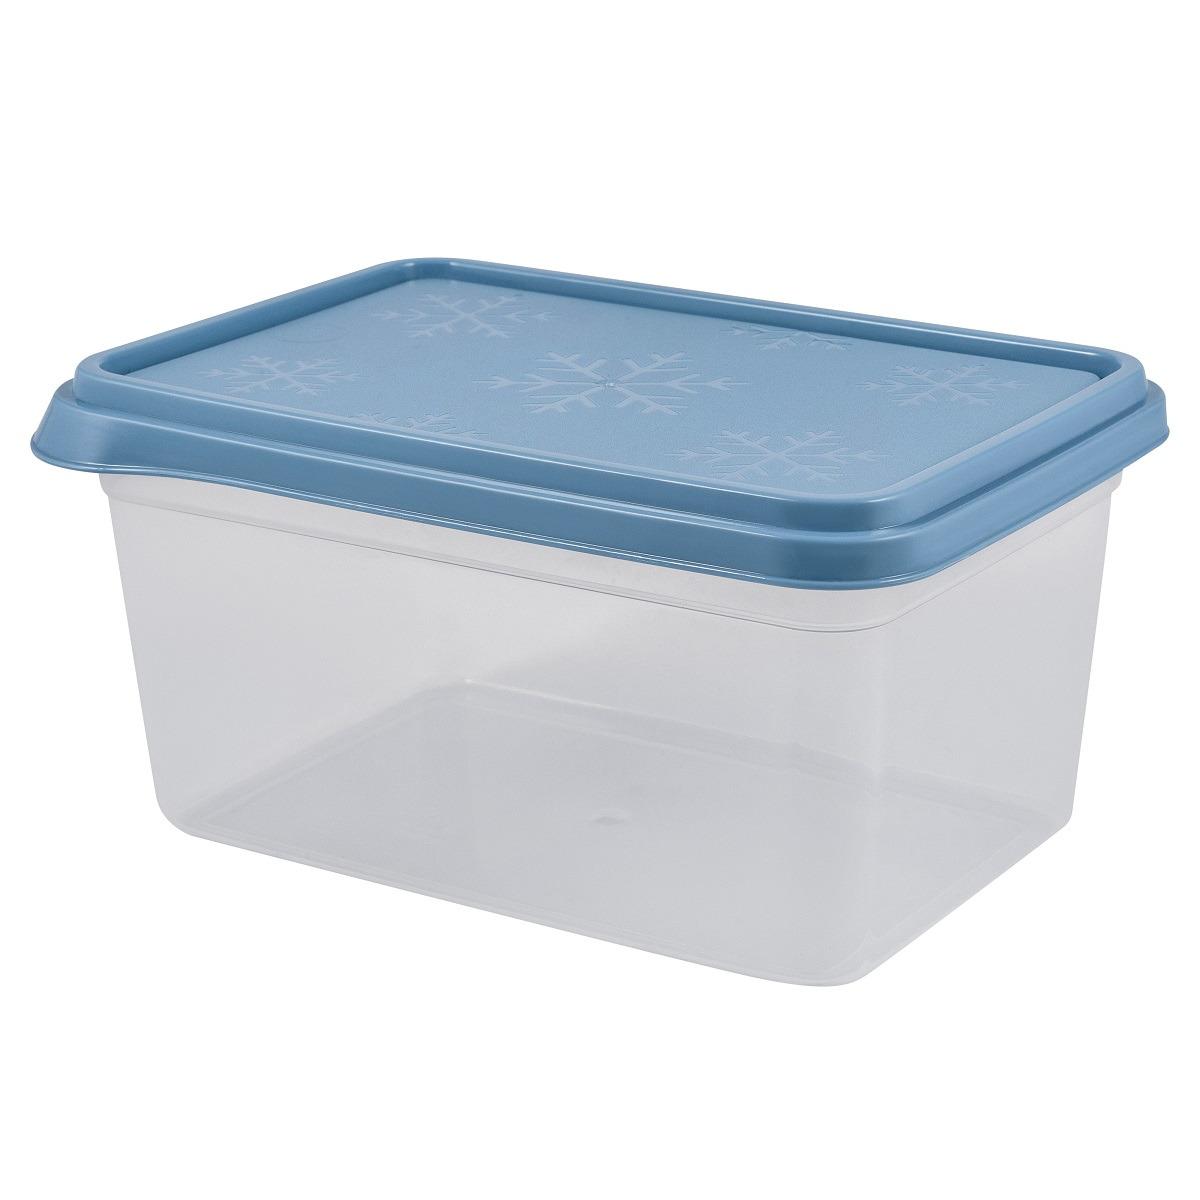 Контейнер пищевой Plast Team Bergen, PT1140-19, туманно-голубой, 2,4 л контейнер пищевой plast team цвет голубой прозрачный 0 6 л